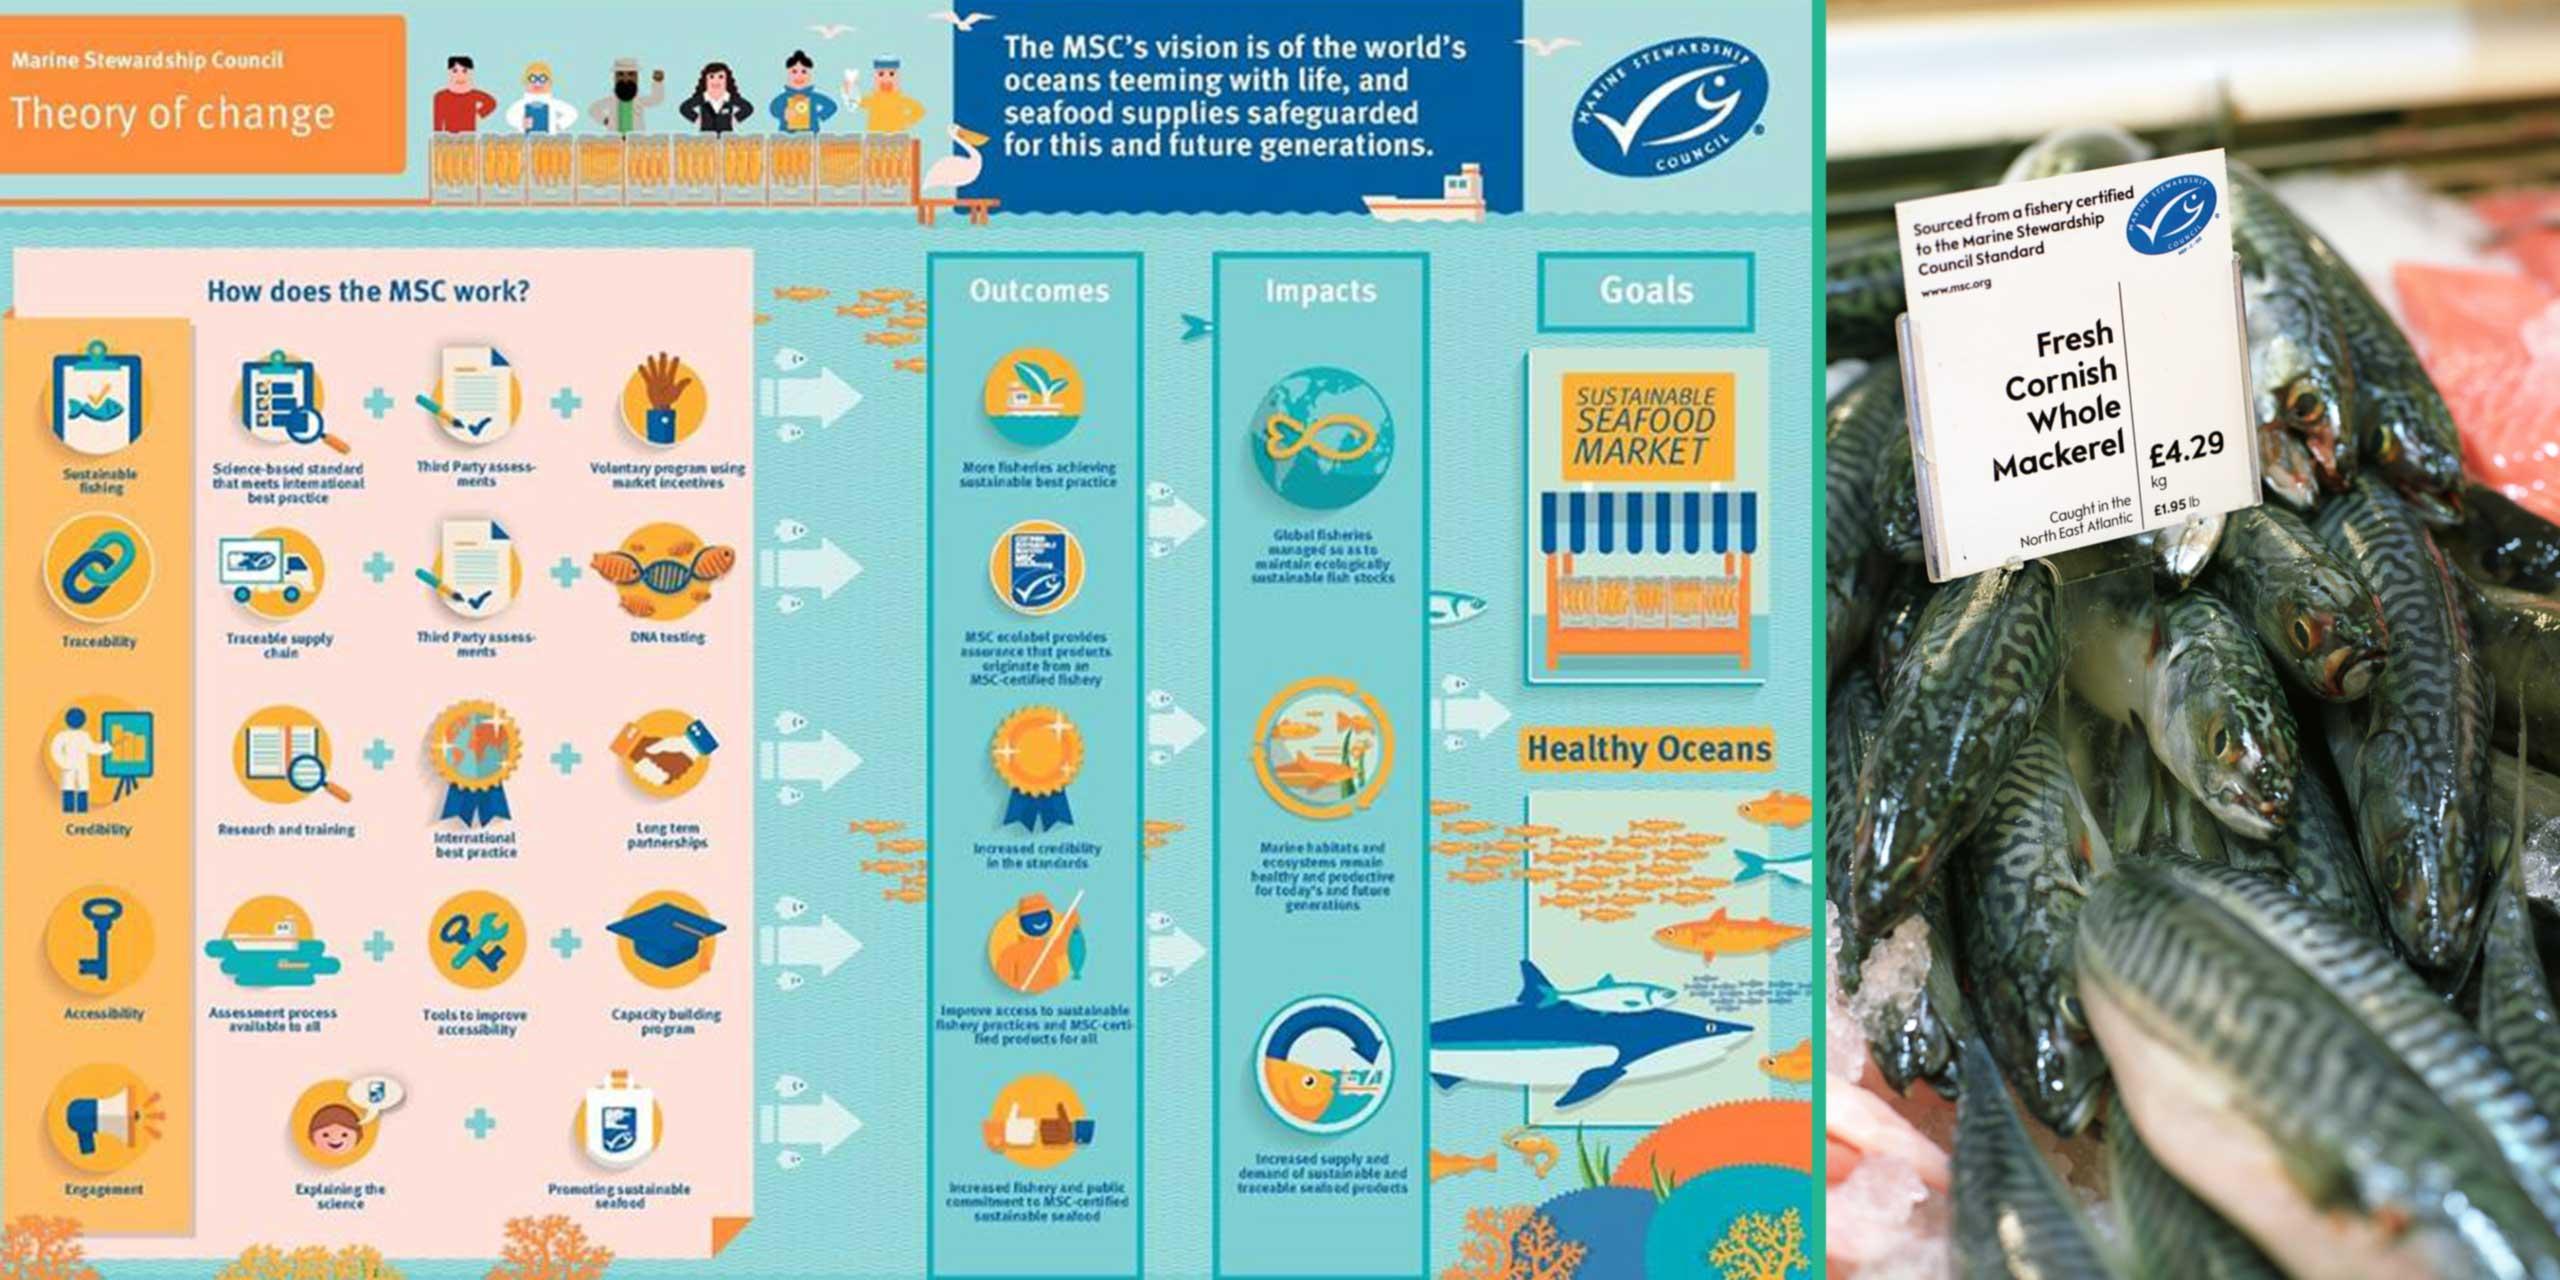 http://skollworldforumorg.c.presscdn.com/wp-content/uploads/2014/02/marine-stewardship-council-sl2.jpg